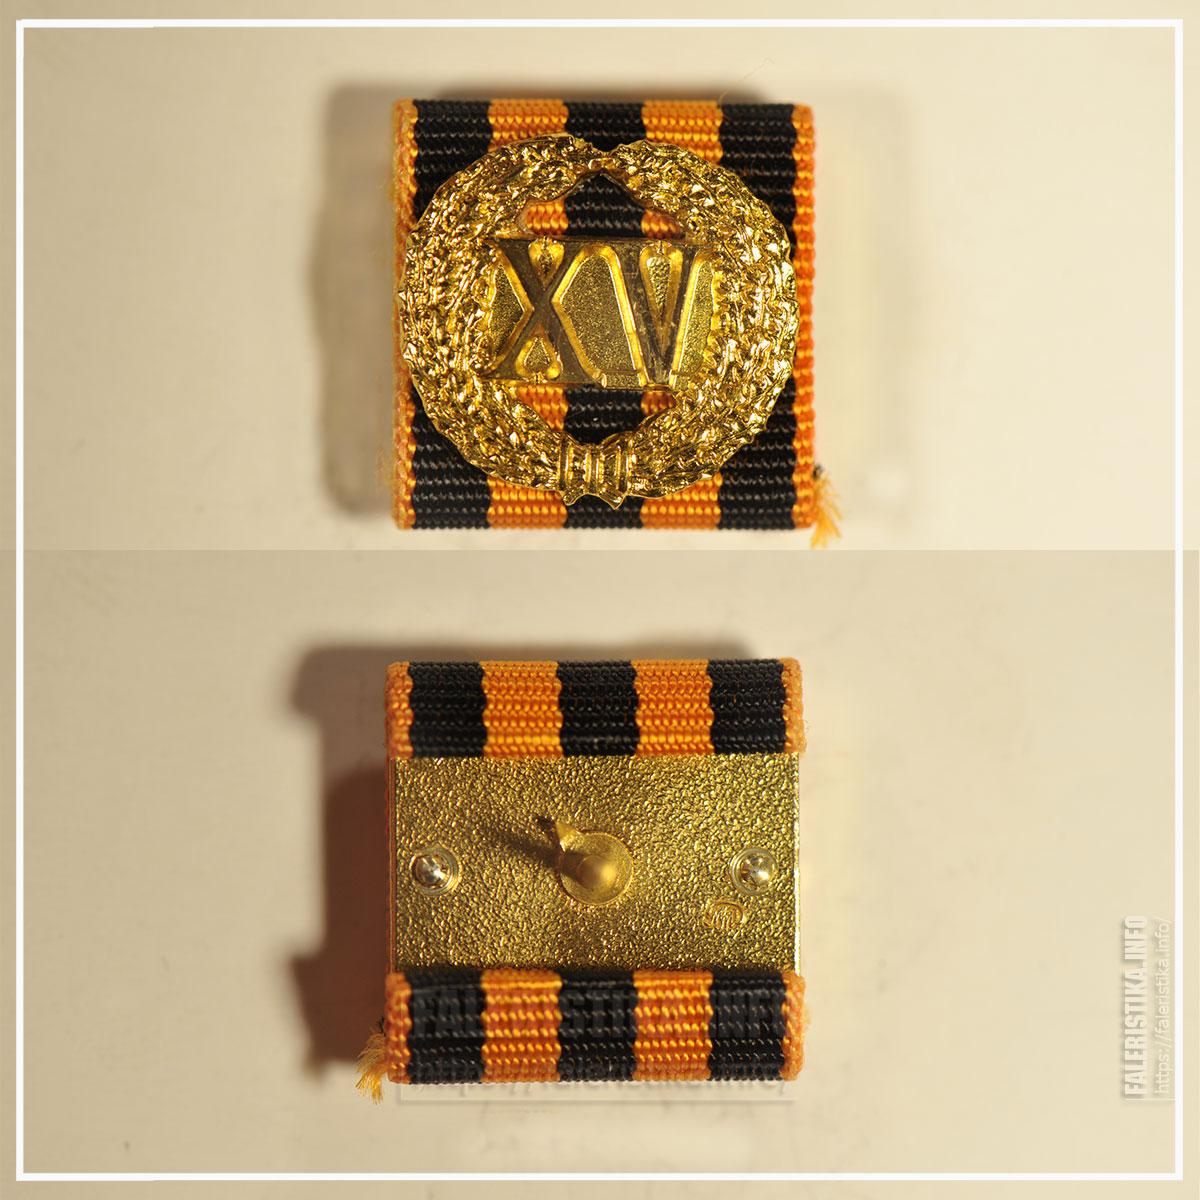 Знак отличия «За безупречную службу» XV (лет) (для военнослужащих). Миниатюрная копия знака (фрачник). Московский монетный двор